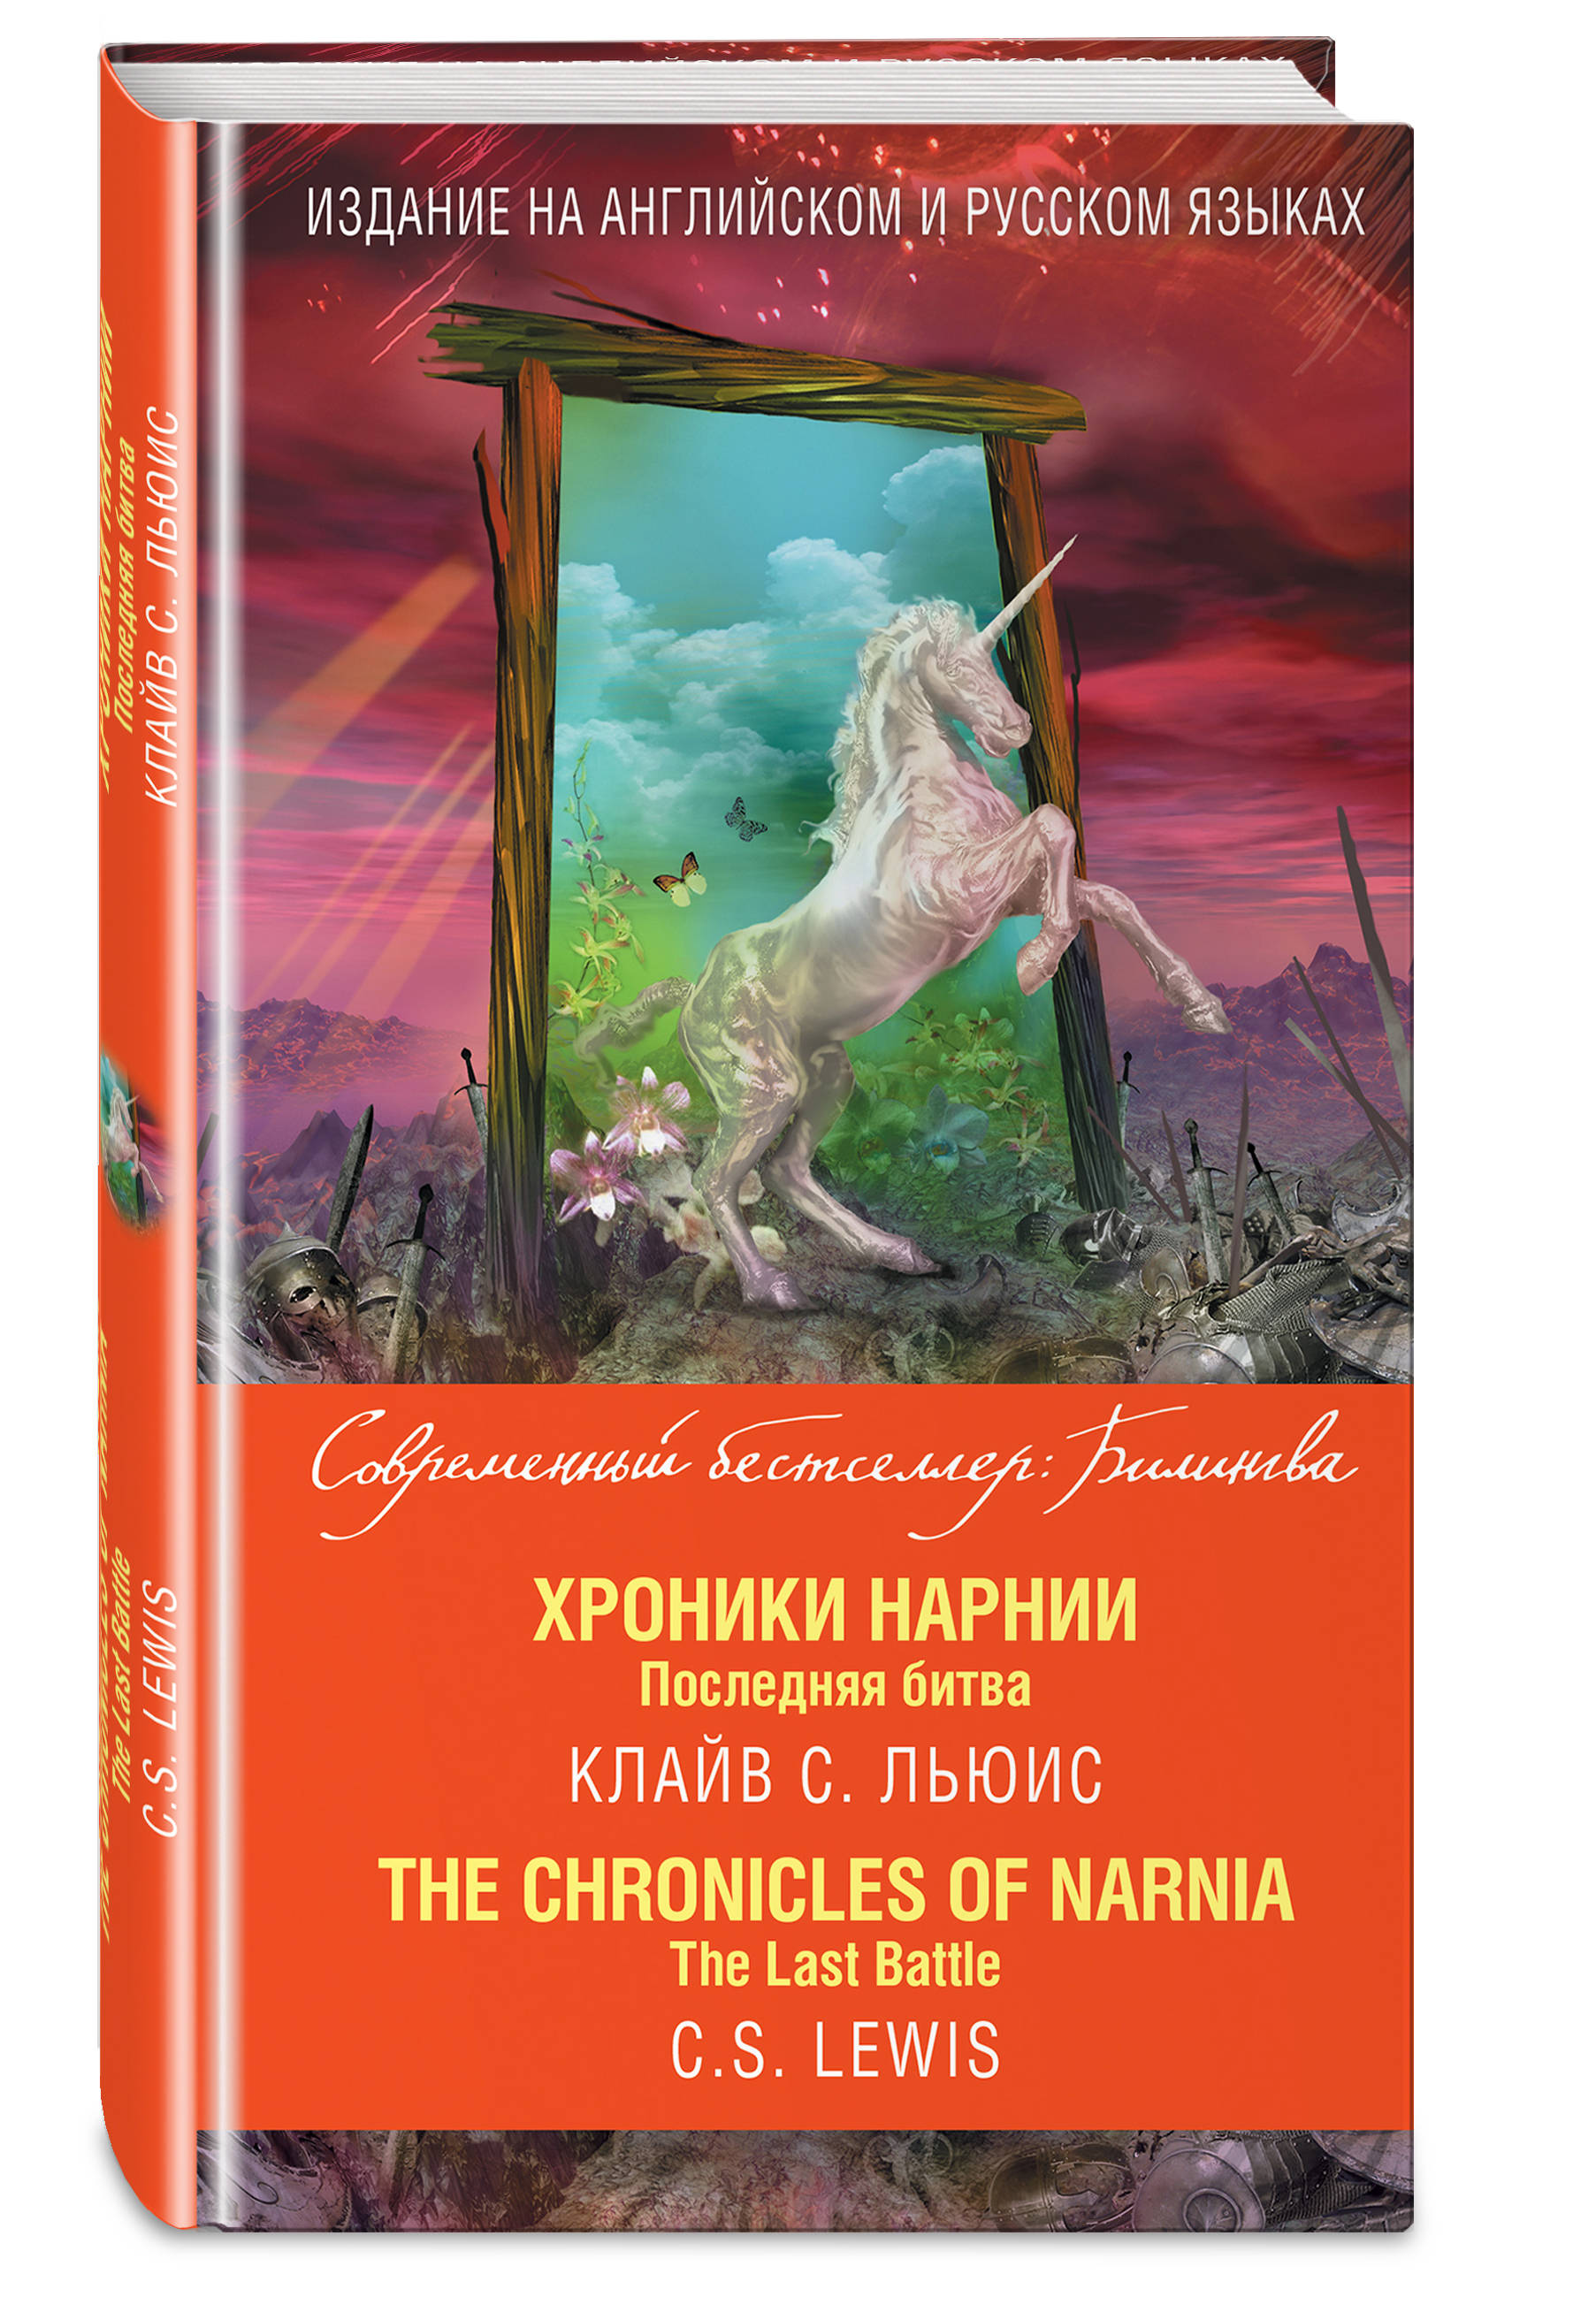 Хроники Нарнии. Последняя битва = The Chronicles of Narnia. The Last Battle